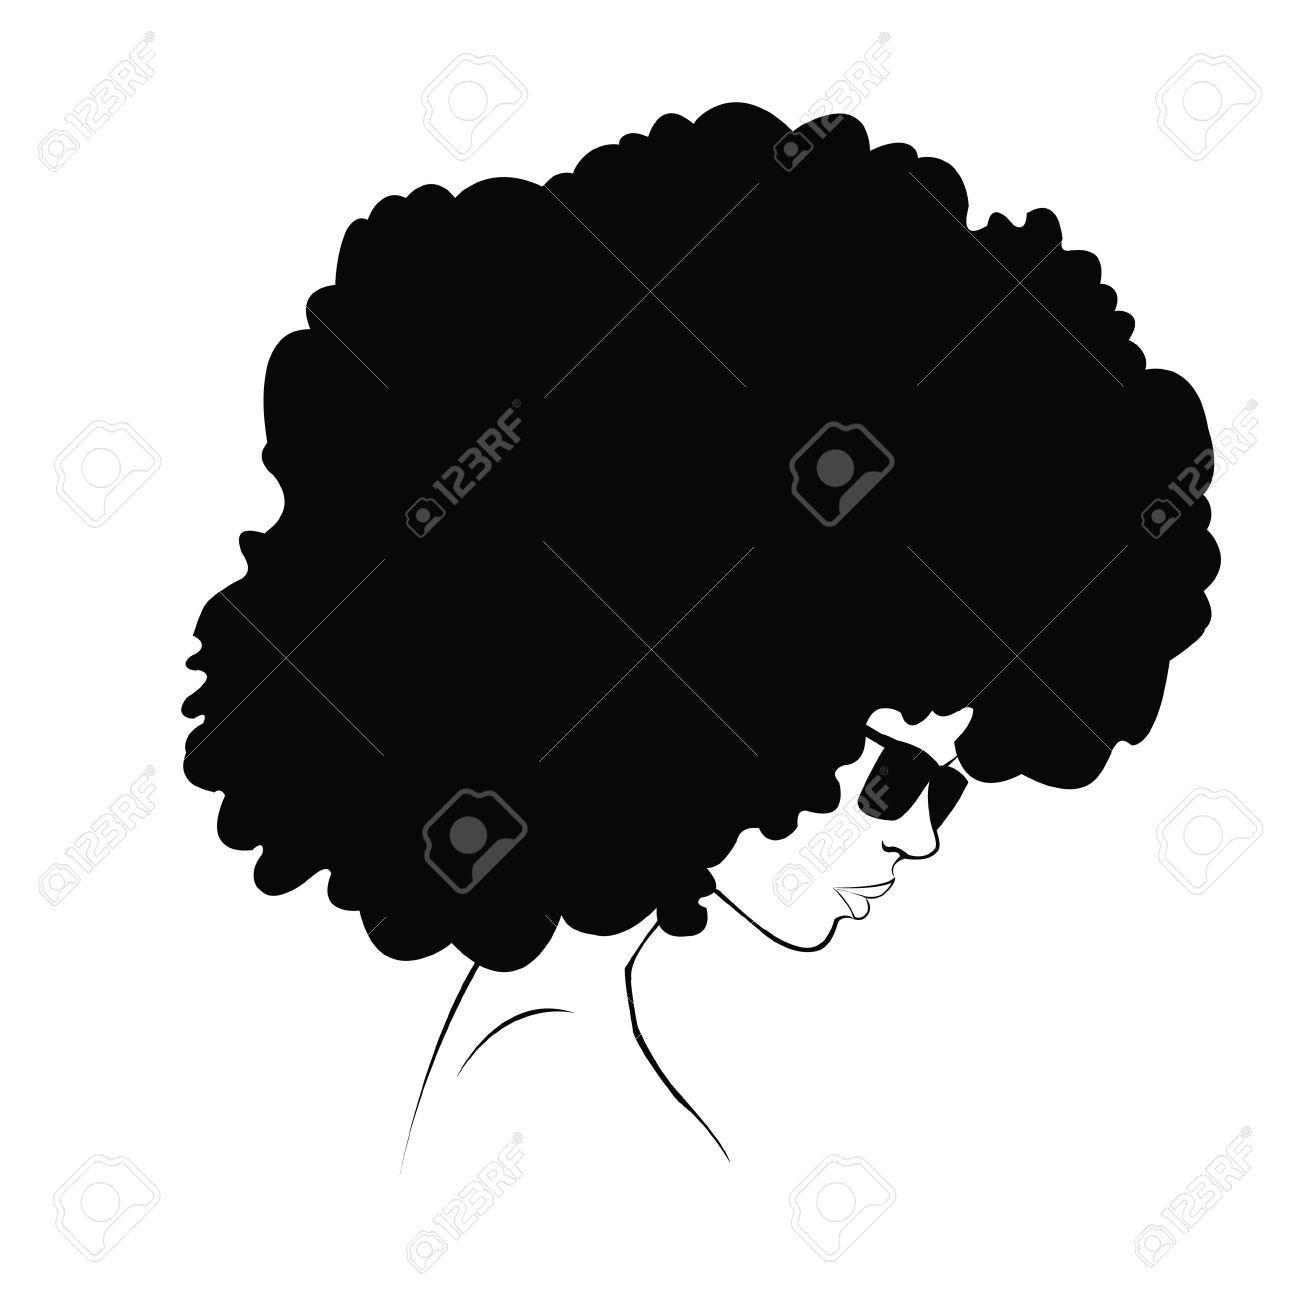 c2d885452 profile silhouette - Google Search | ART | Profile logo, Female ...